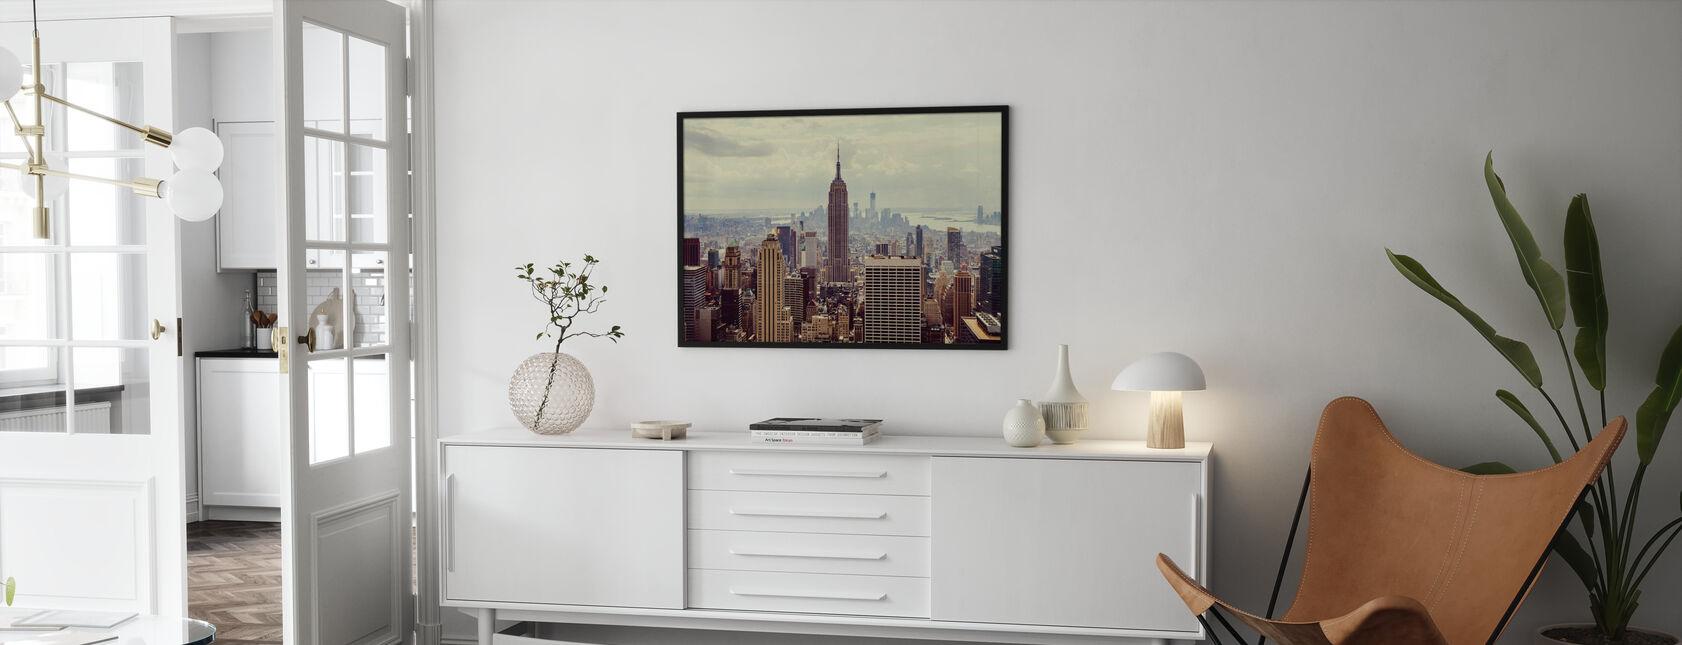 Das ist Manhattan. - Poster - Wohnzimmer